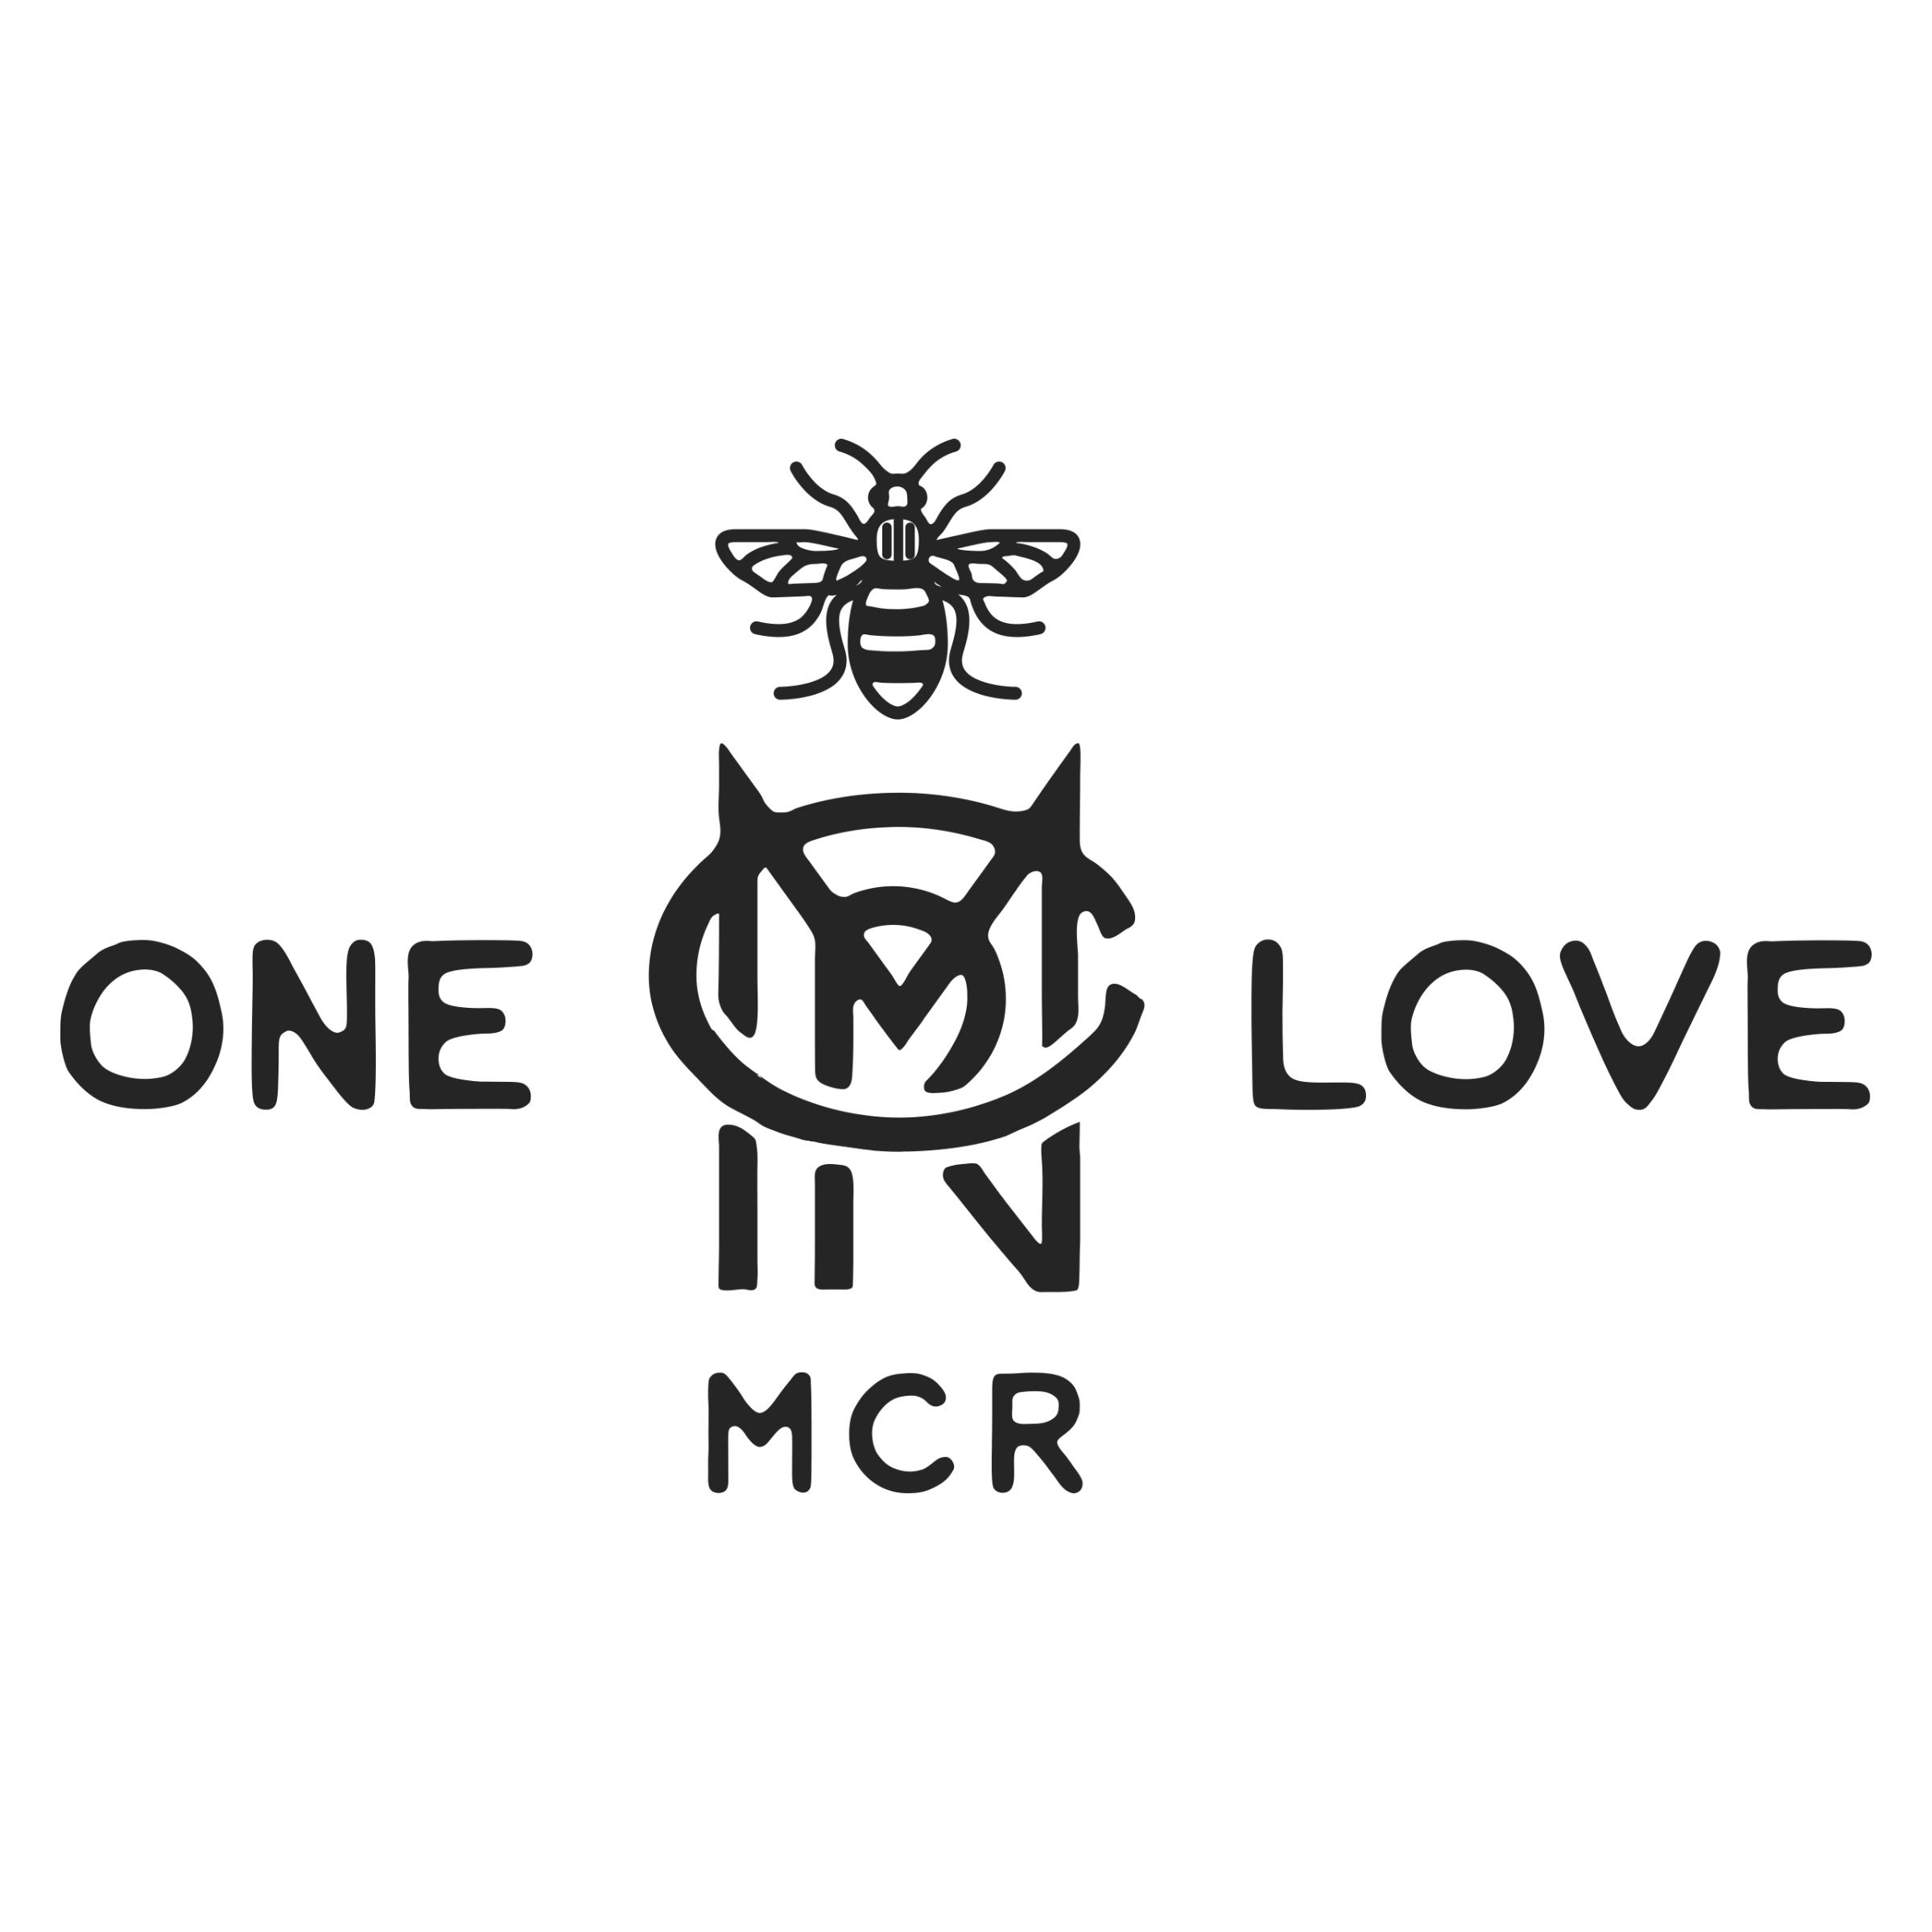 MCR - One Love